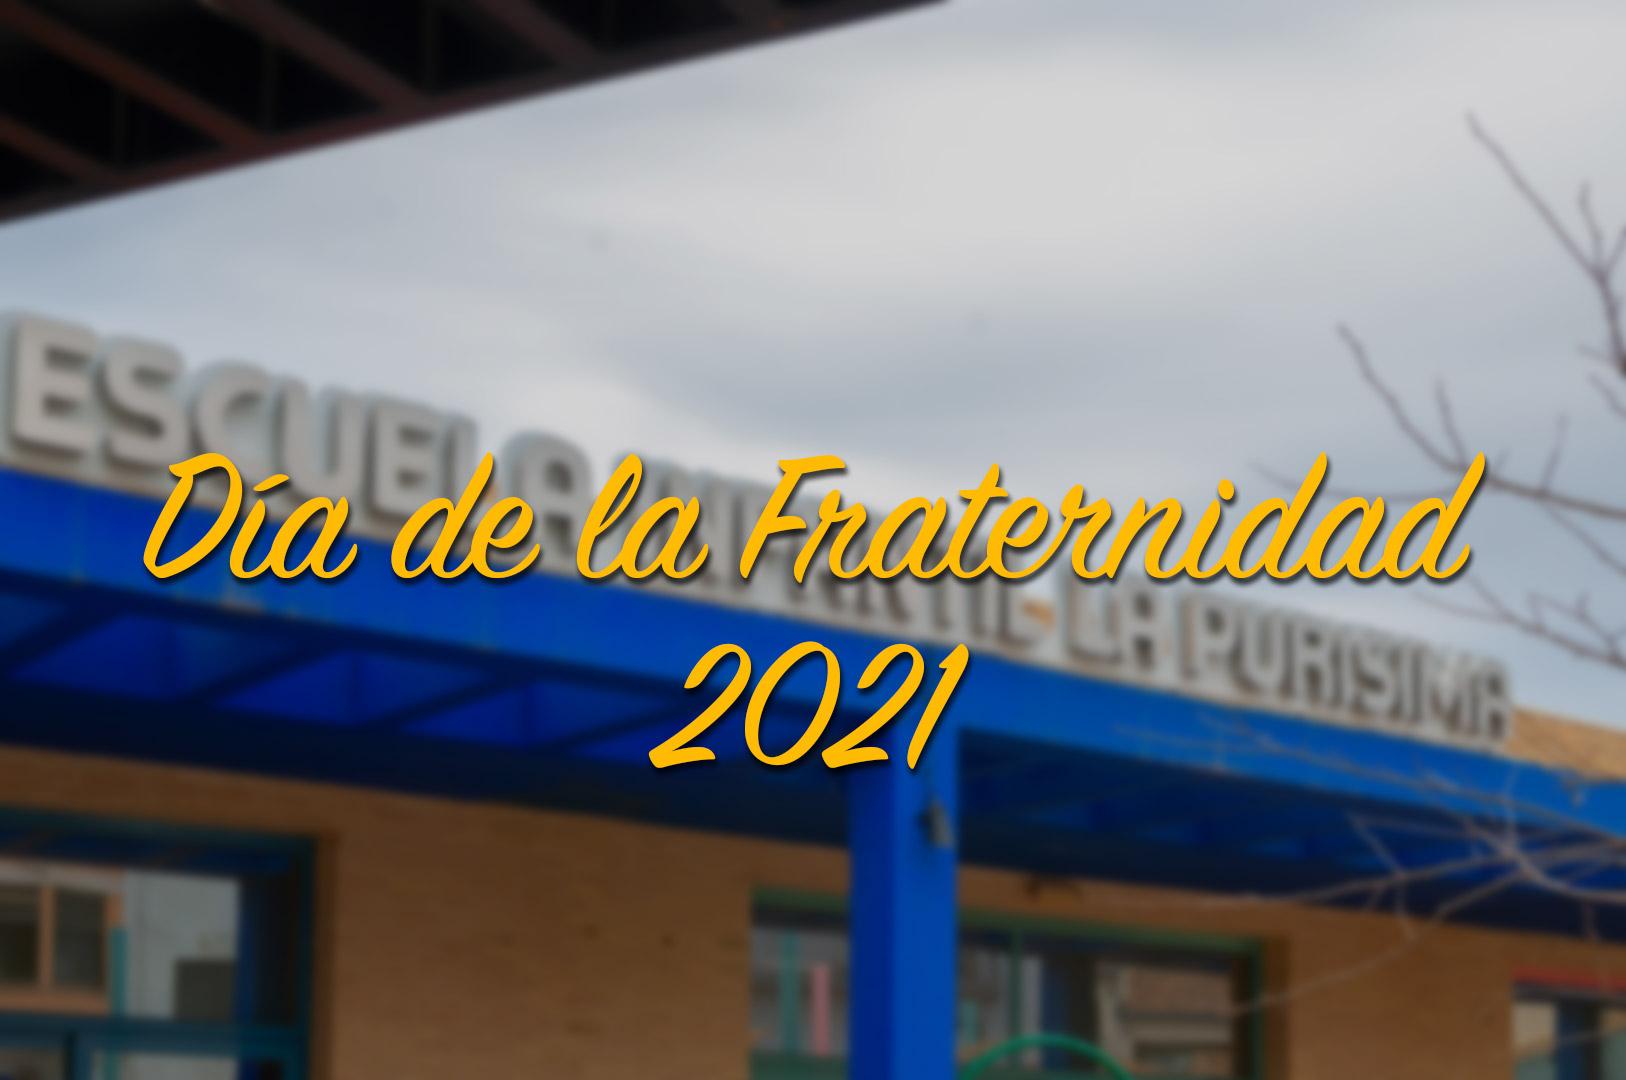 Día de la Fraternidad 2021